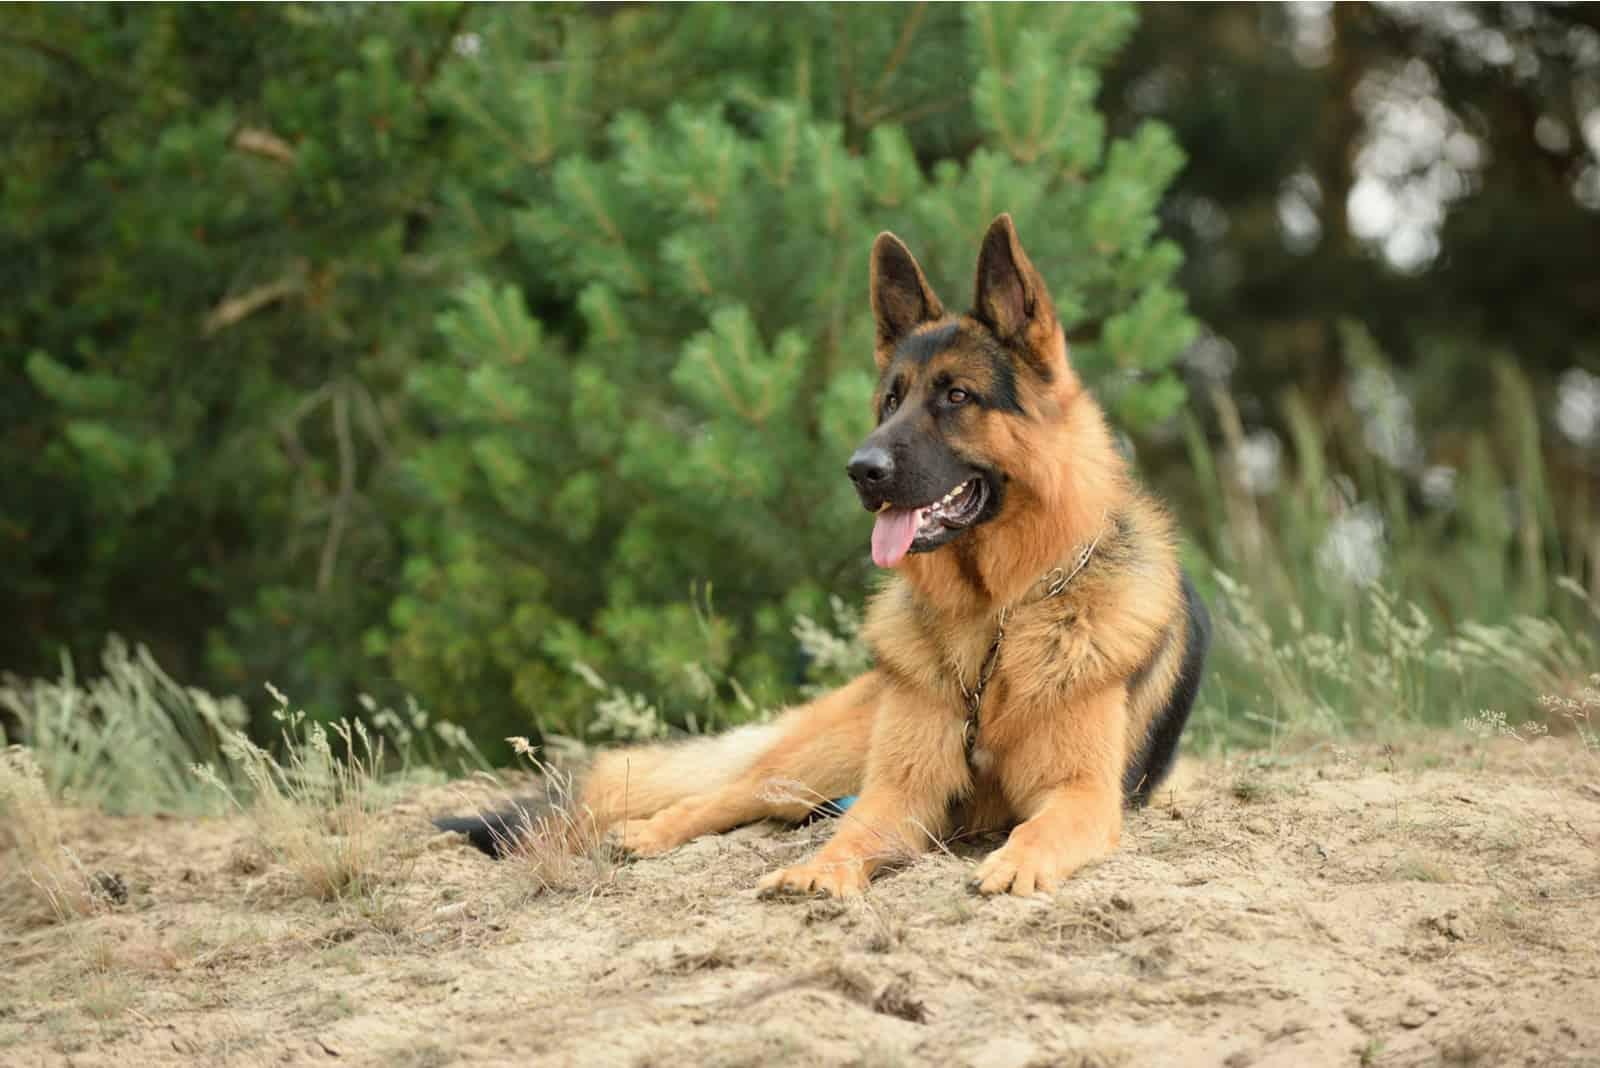 German Shepherd Dog lying outdoors